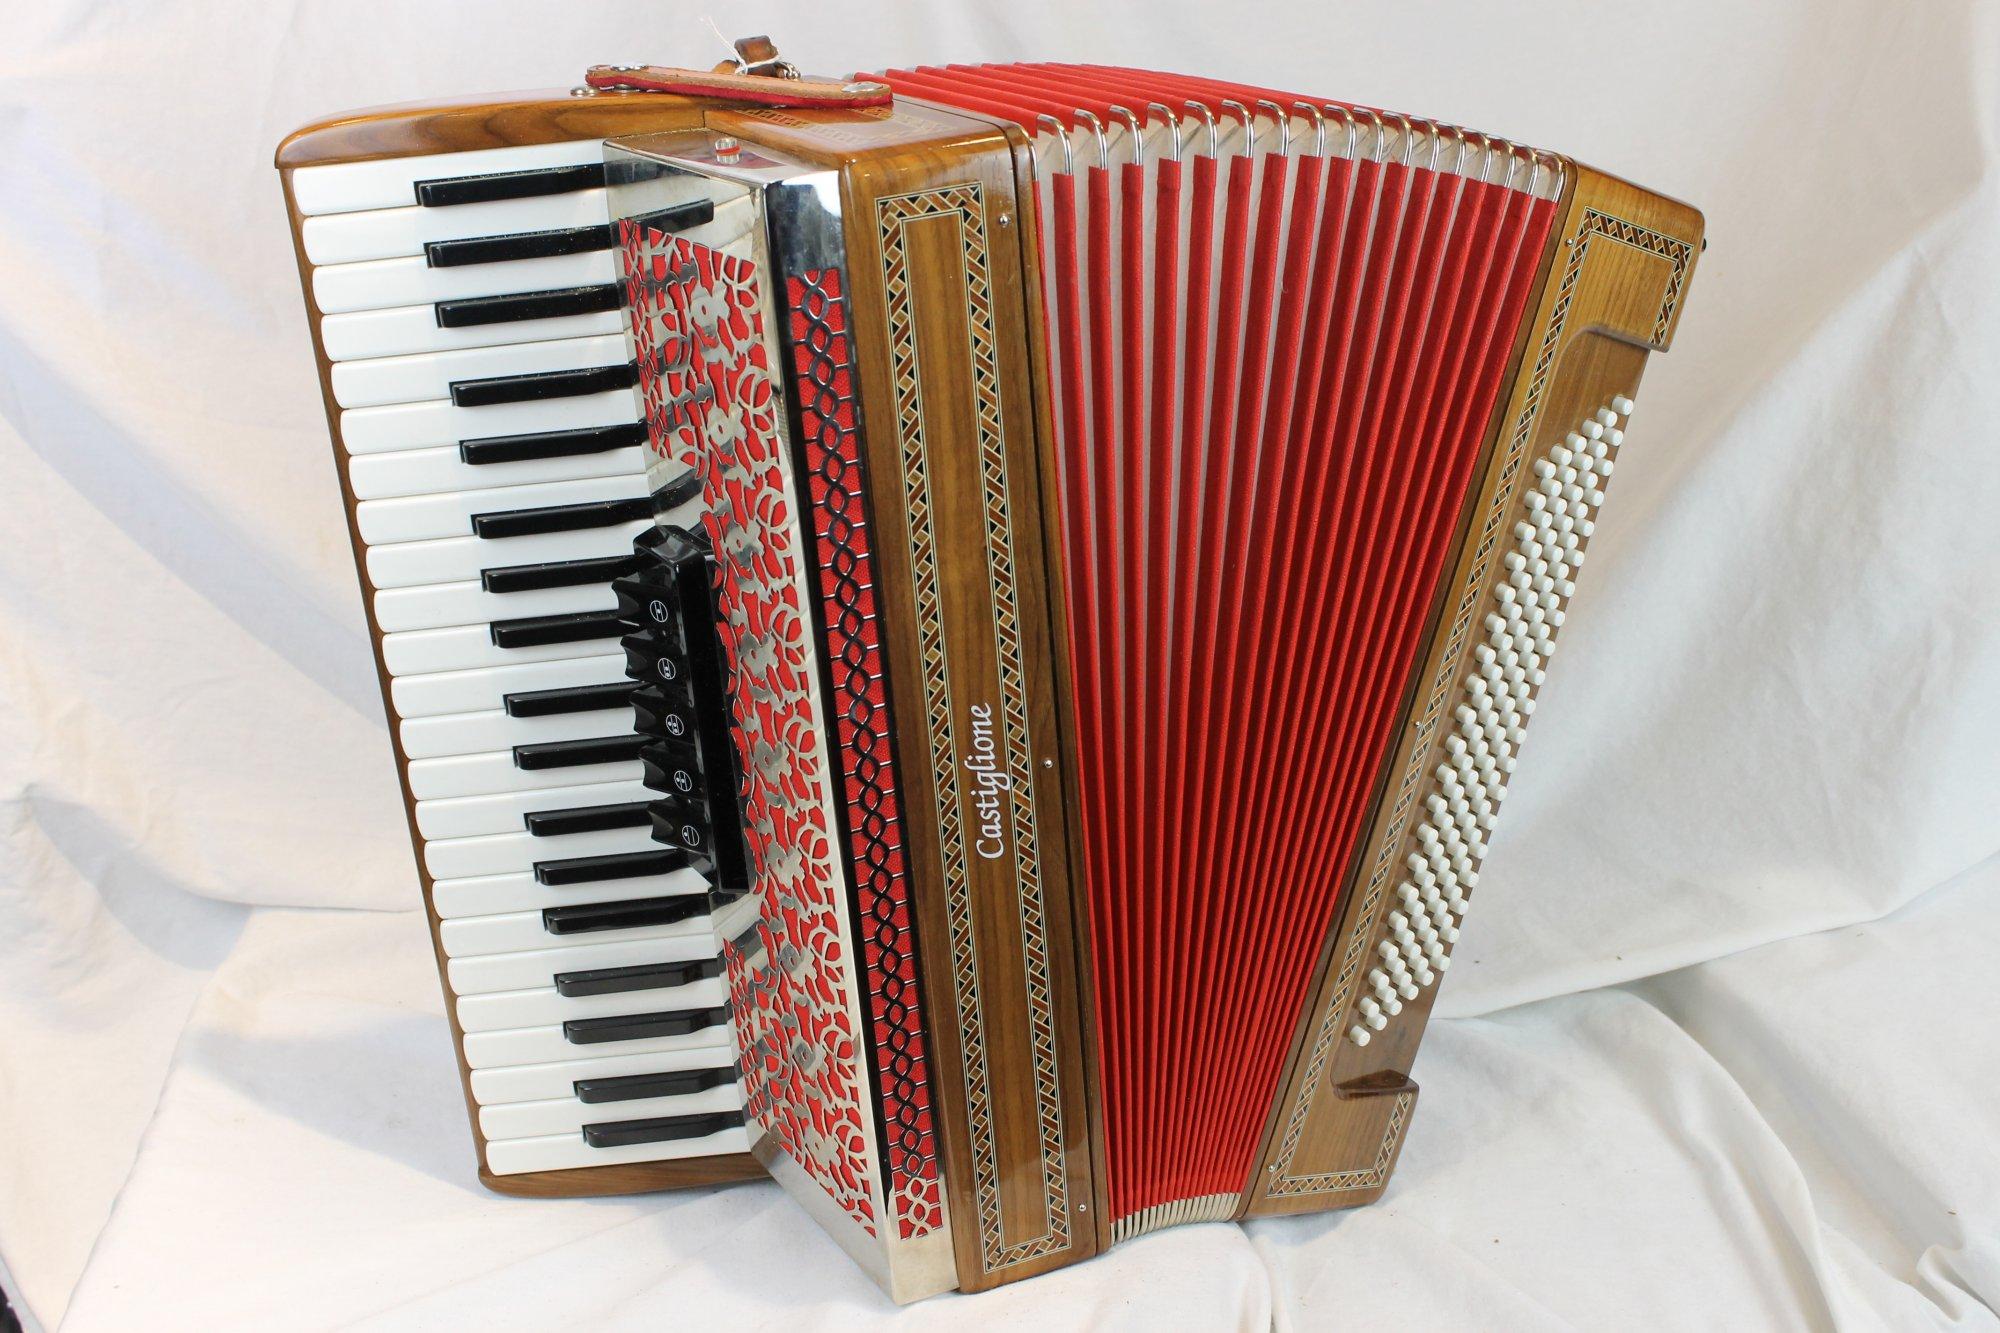 3552 - Alpine Castiglione Piano Accordion LMM 41 120